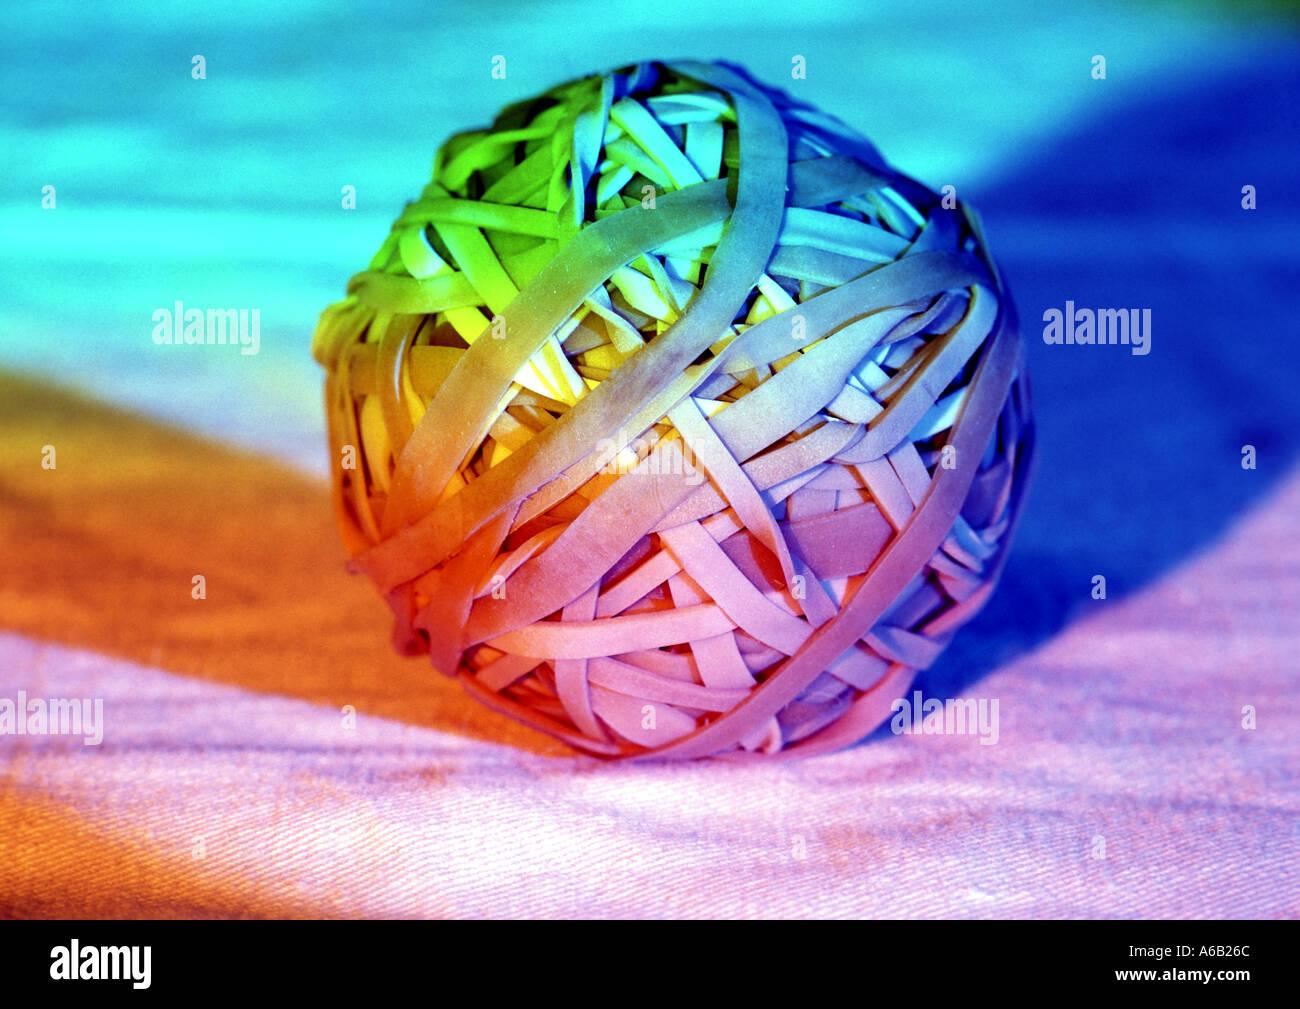 Foto colorata della sfera di bande elastiche come concetto di immagine del tipo ad esempio alleando ufficio relazioni tratto l'immaginazione etc Immagini Stock